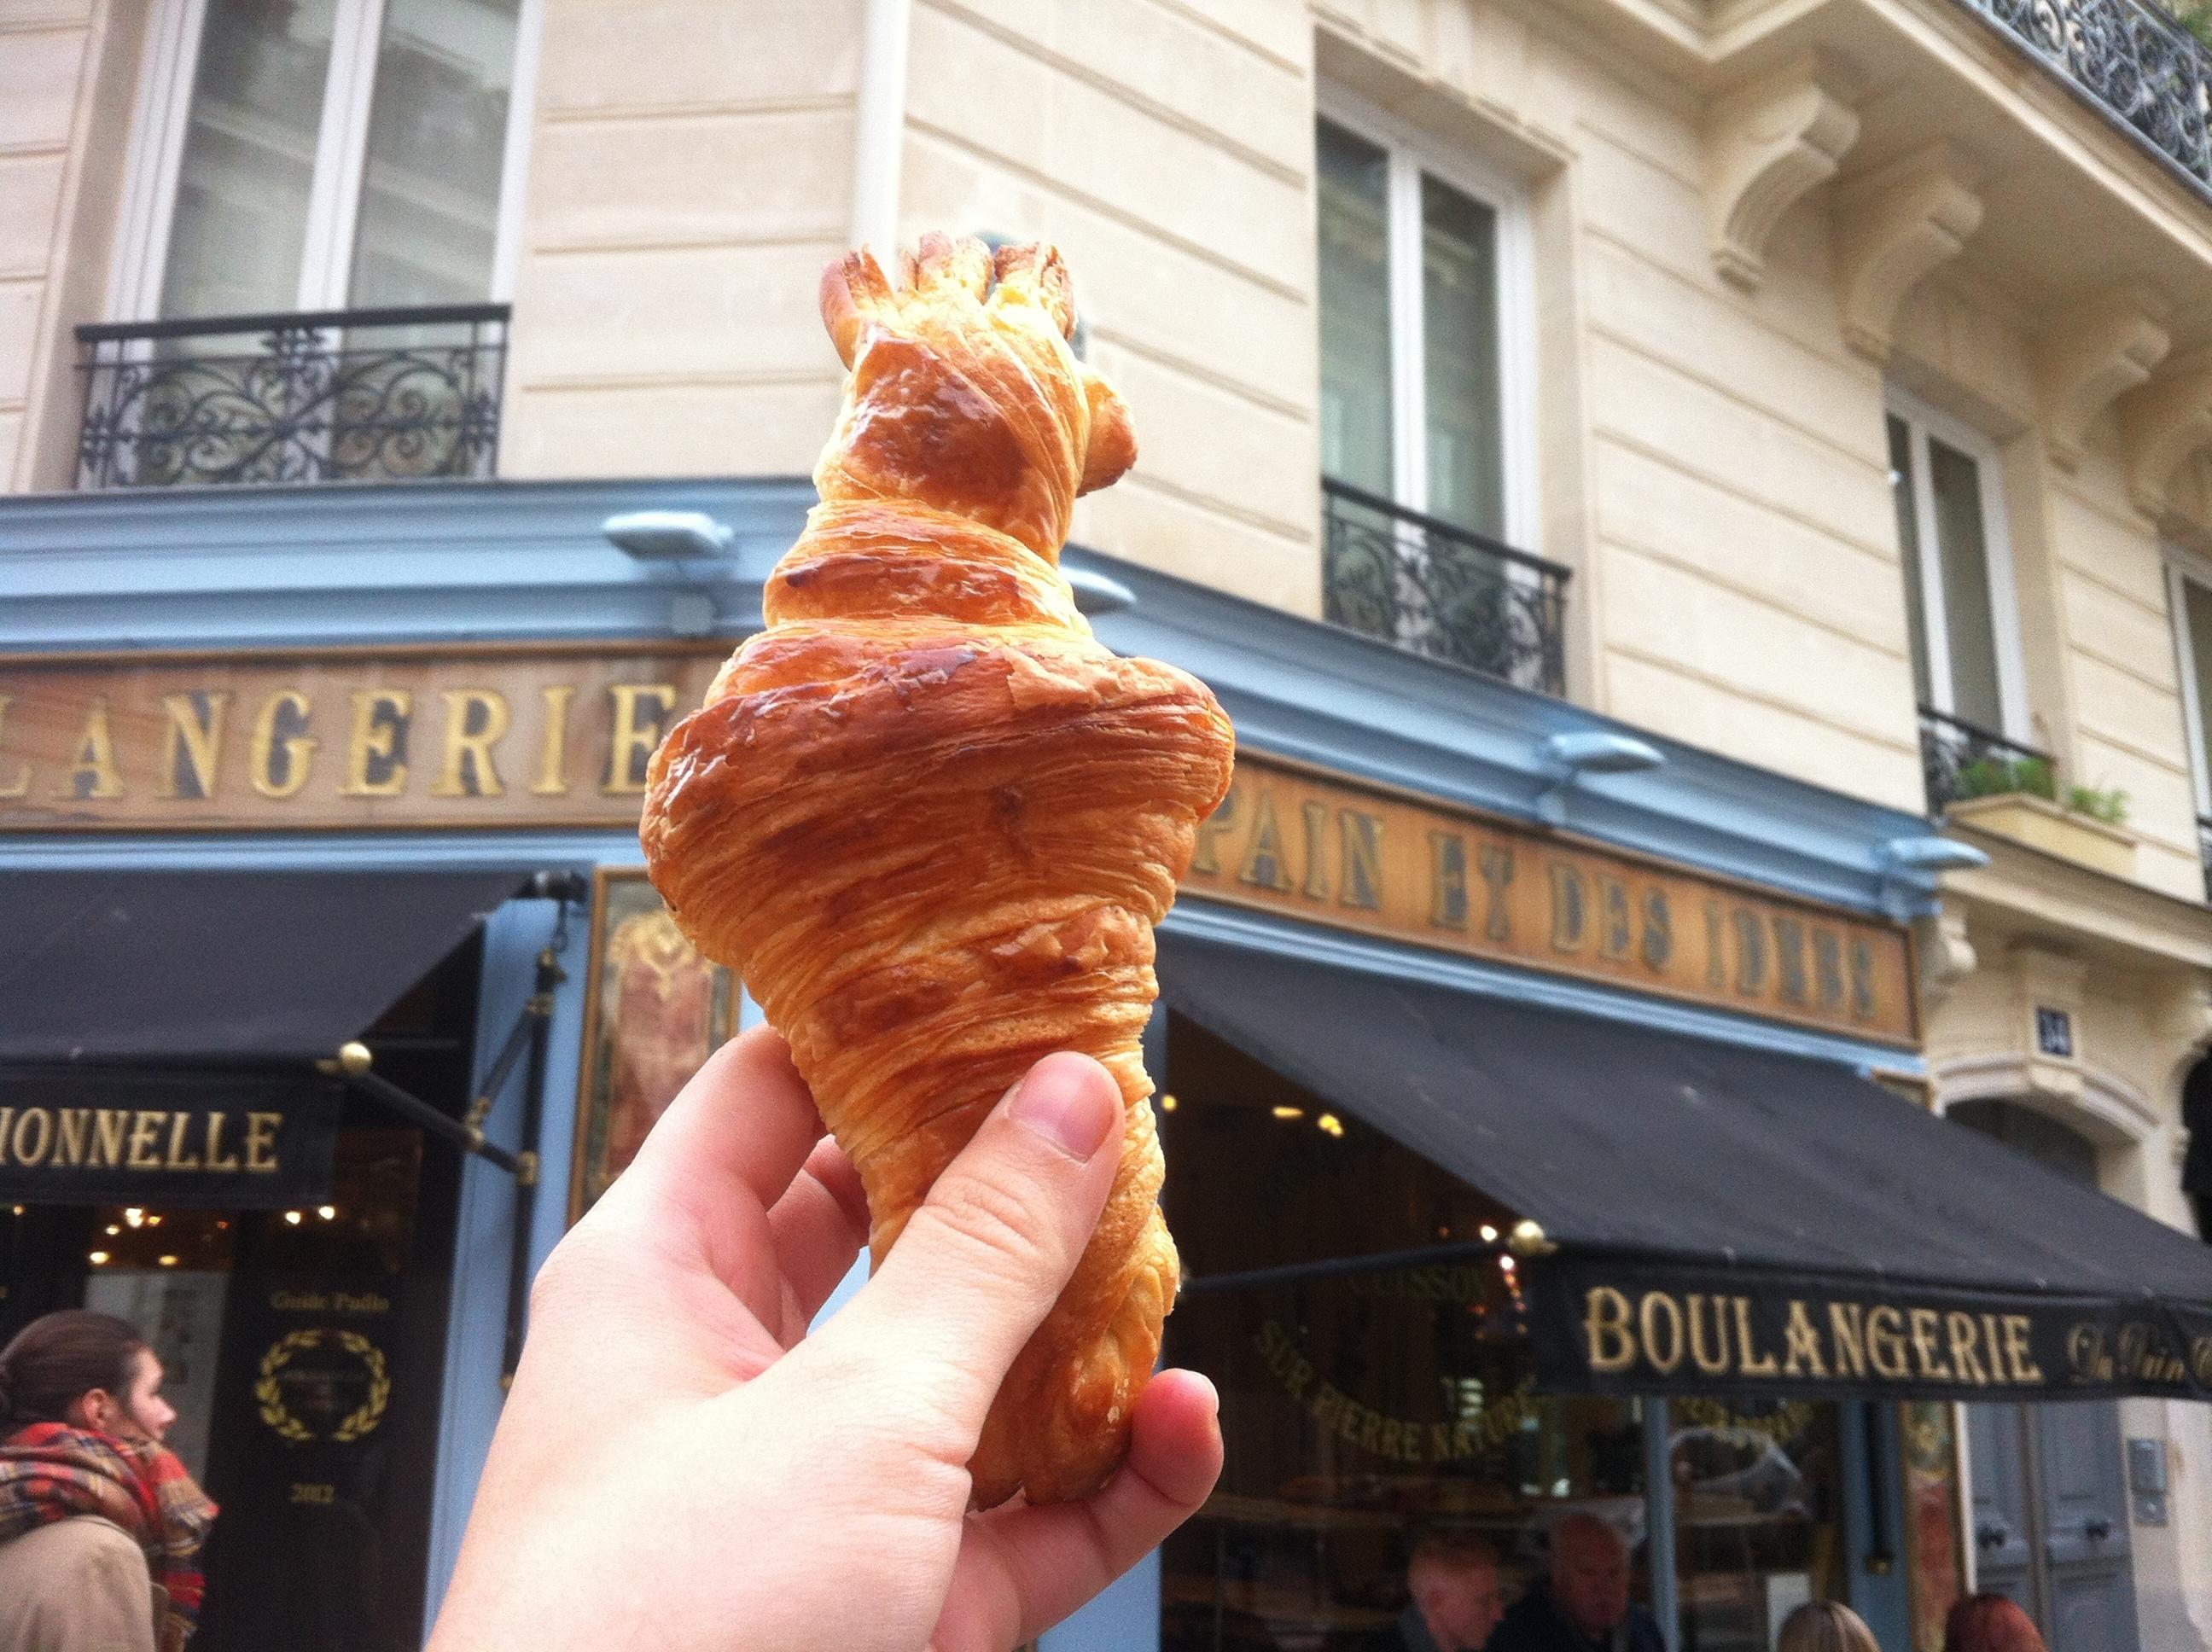 Du Pain et des idées best croissants